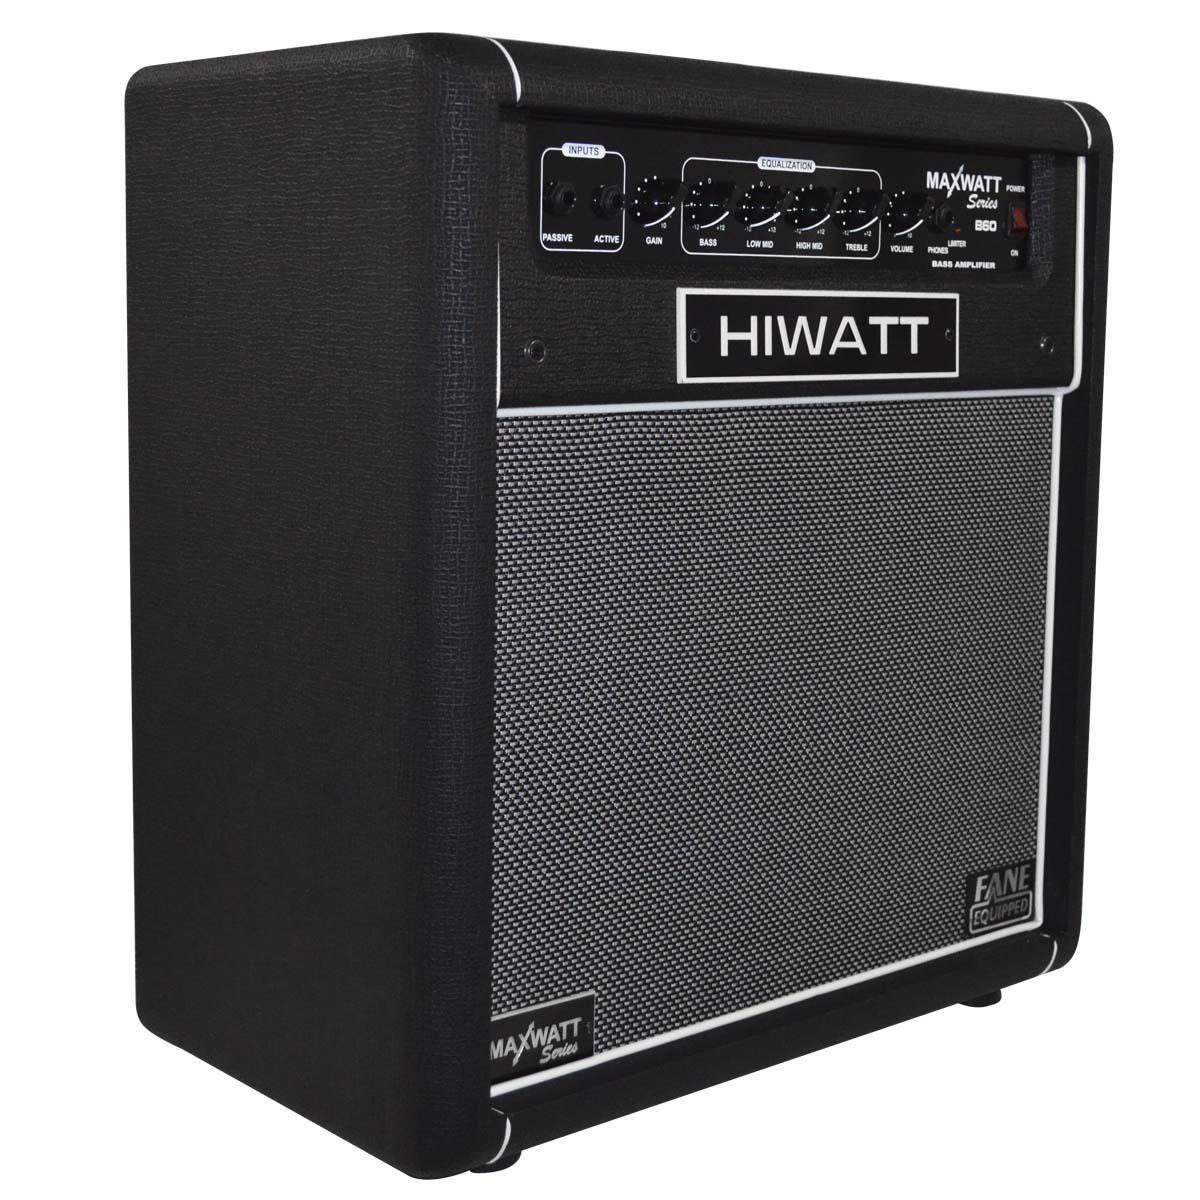 Amplificador Hiwatt Baixo Maxwatt Re B60/12